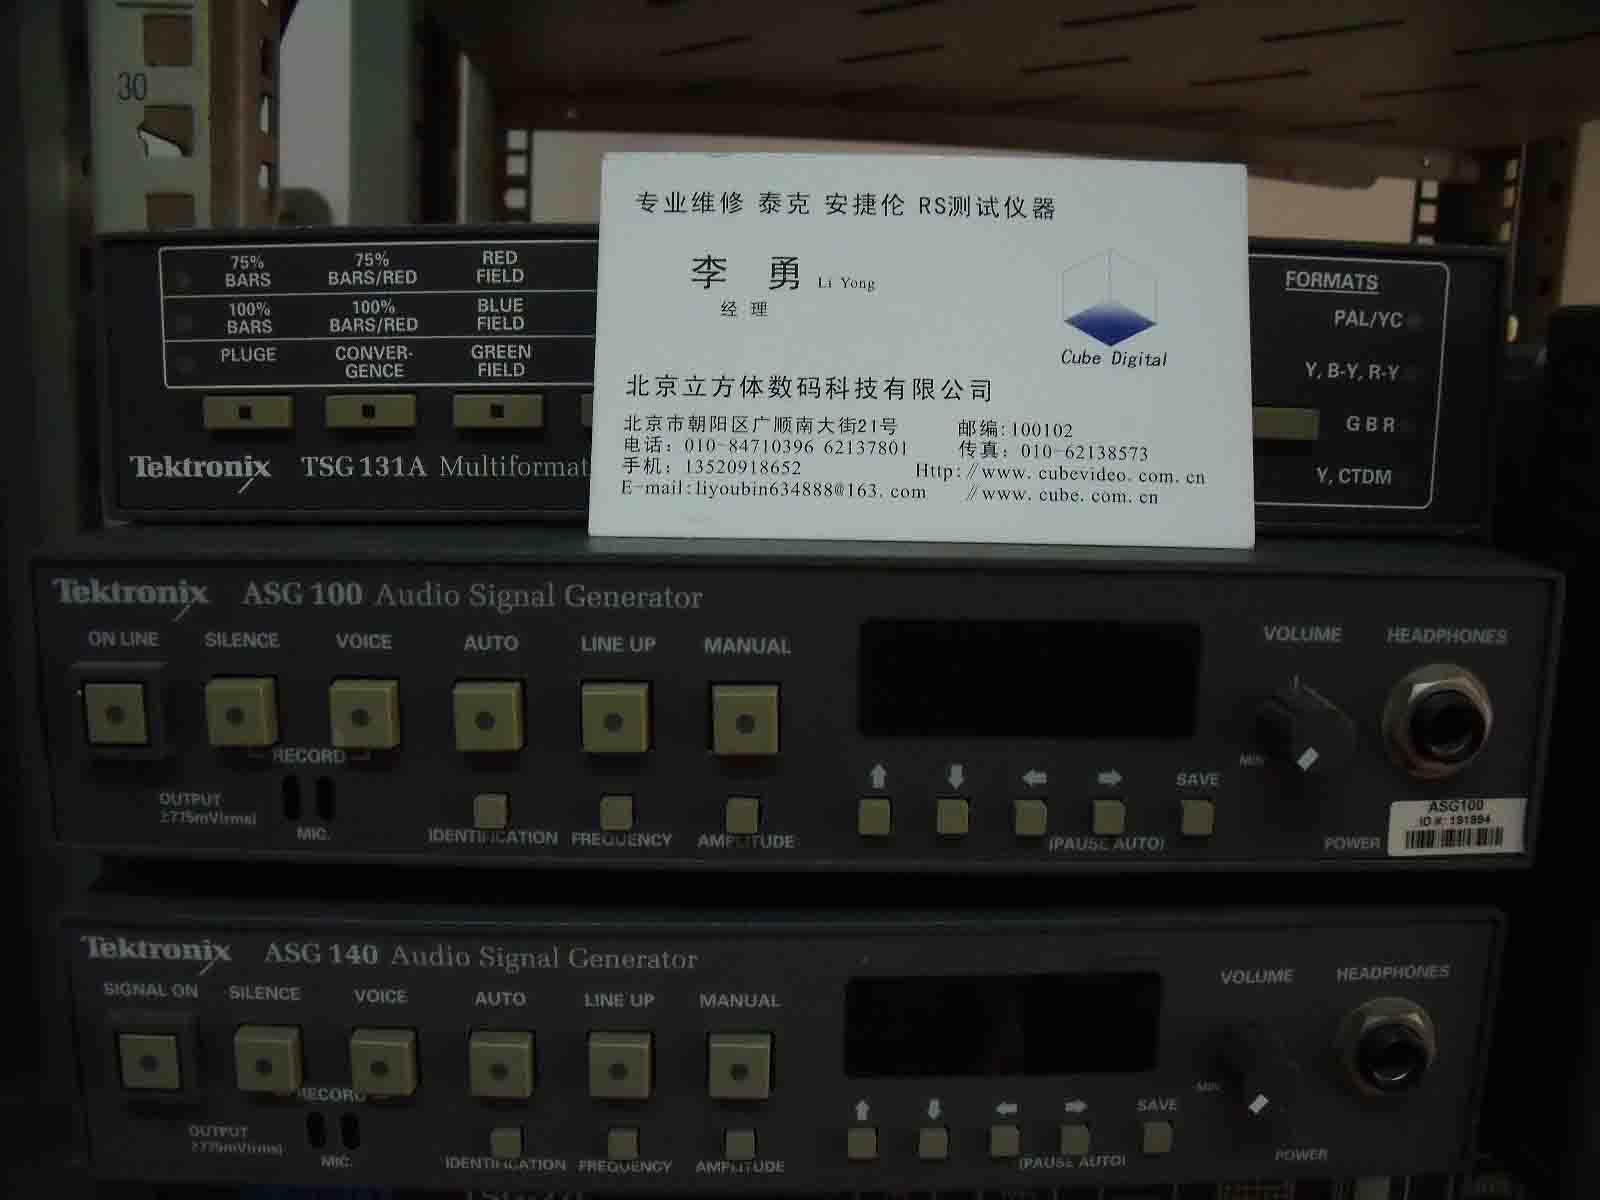 联系人:李勇 联系电话:010-84710396 13520918652泰克公司ASG100音频信号发生器可以有效地解 决音频测试问题。双通道ASG100和四通 道ASG140具有体积小、使用方便和可编 程的特点, 不论是手动还是自动, 它们均 能提供音频设备的调整、维护信号。 ASG100和ASG140的测试信号有简单的 调整音信号,极性信号,电平信号,还增 加了音频扫频信号用于检测失真,频率 响应和串话。此外还提供了CCITT0.